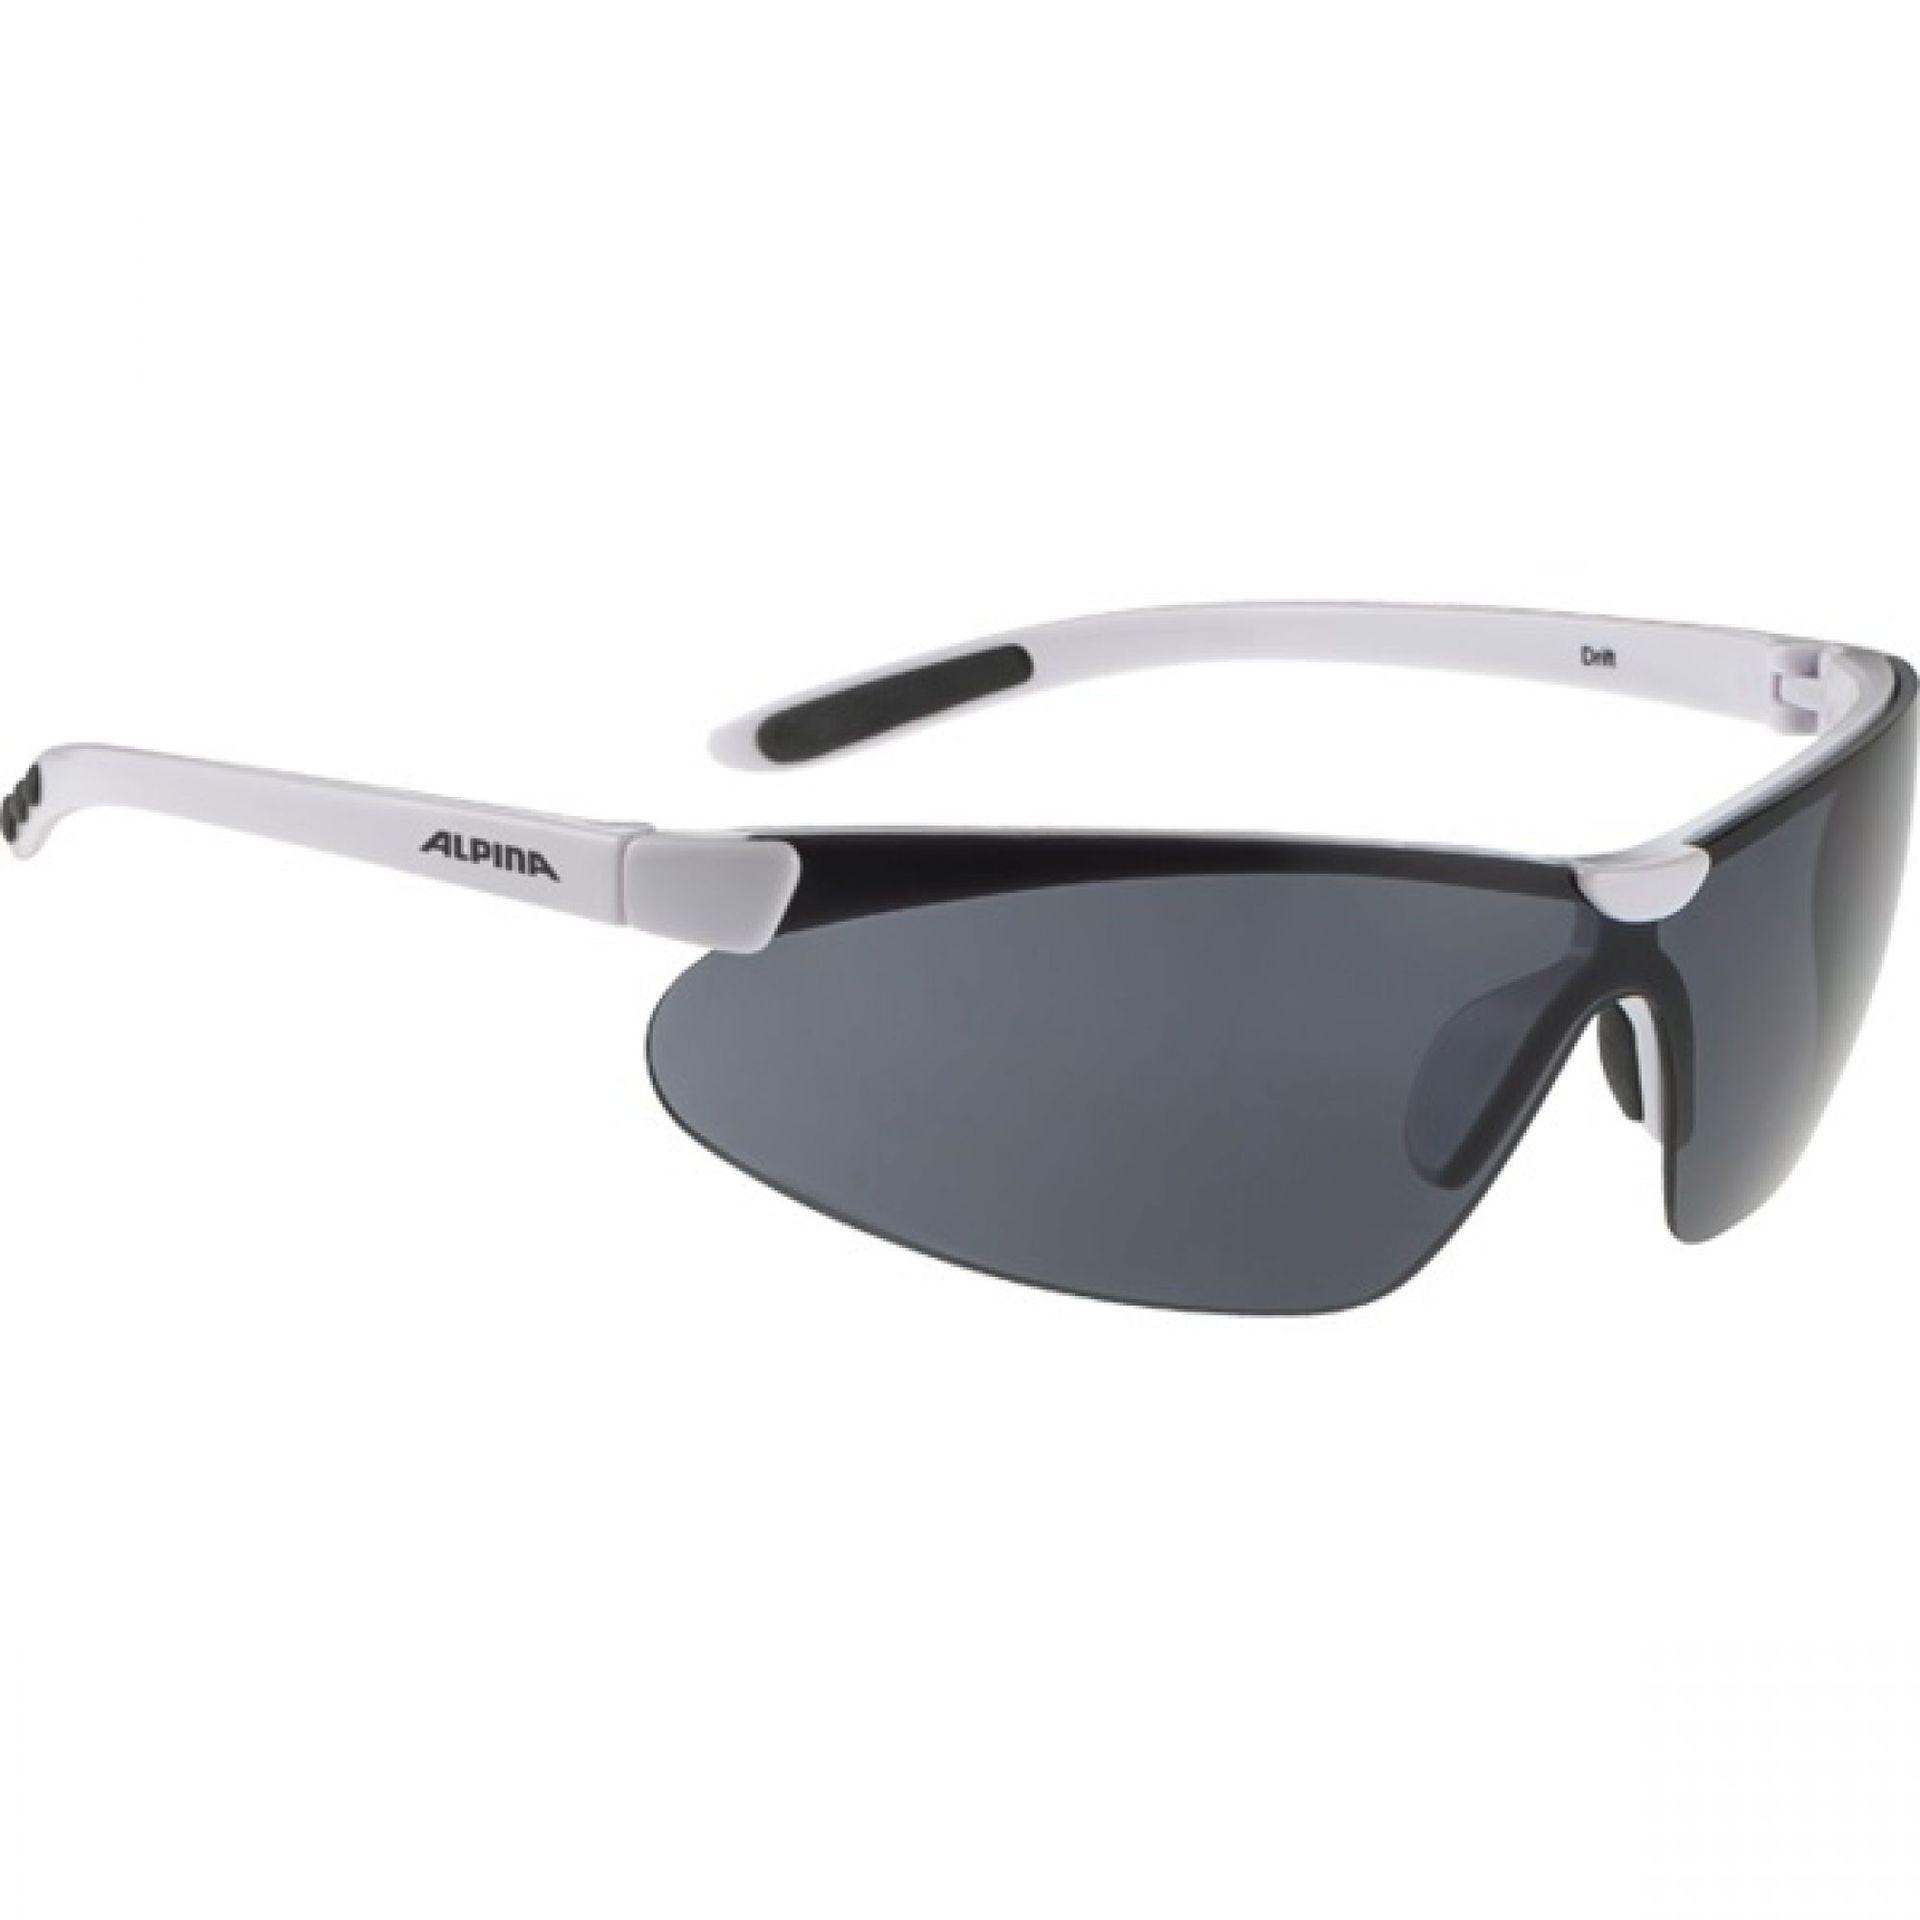 Okulary Alpina Drift biało czarne